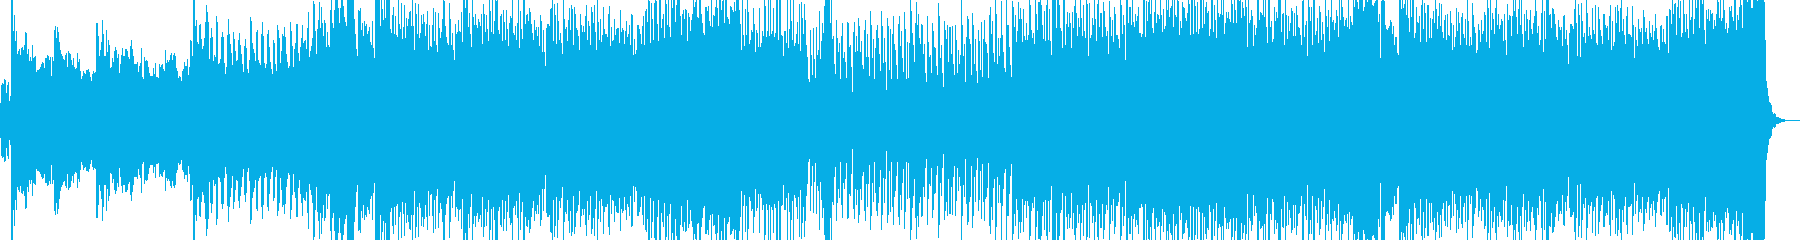 江戸を感じさせる和風ダンスミュージックの再生済みの波形